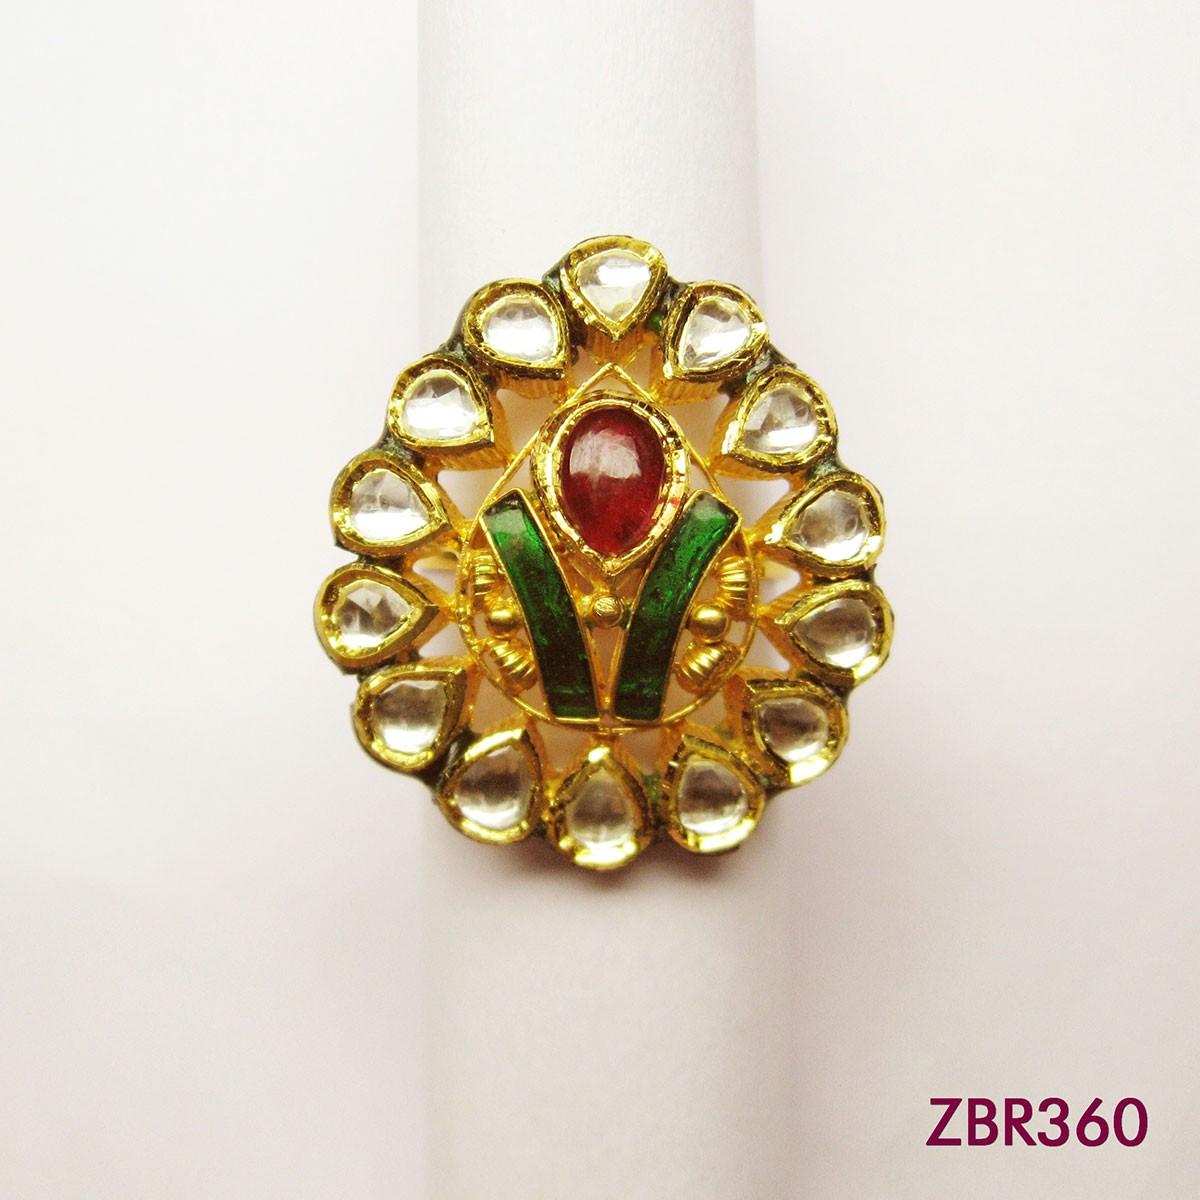 ZBR360